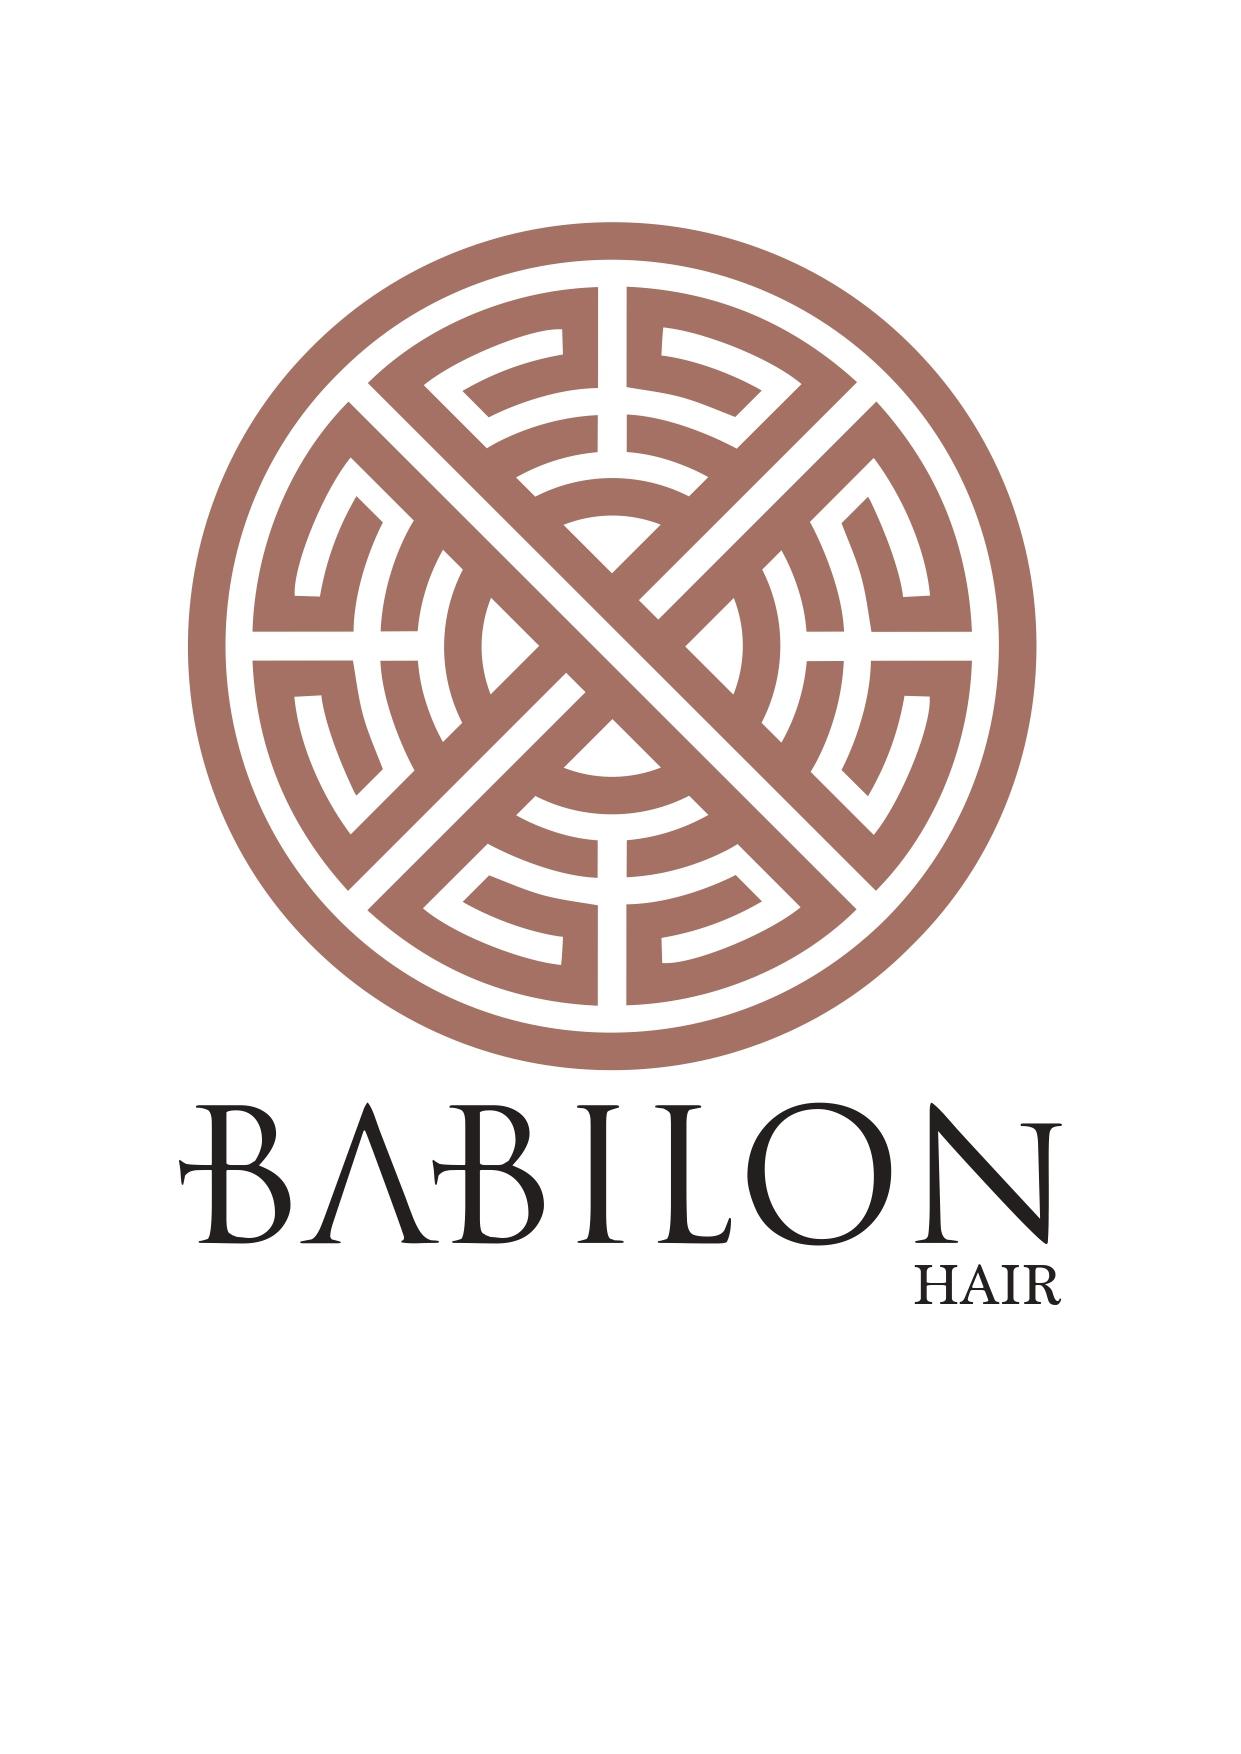 Bildmarke: babilon hair